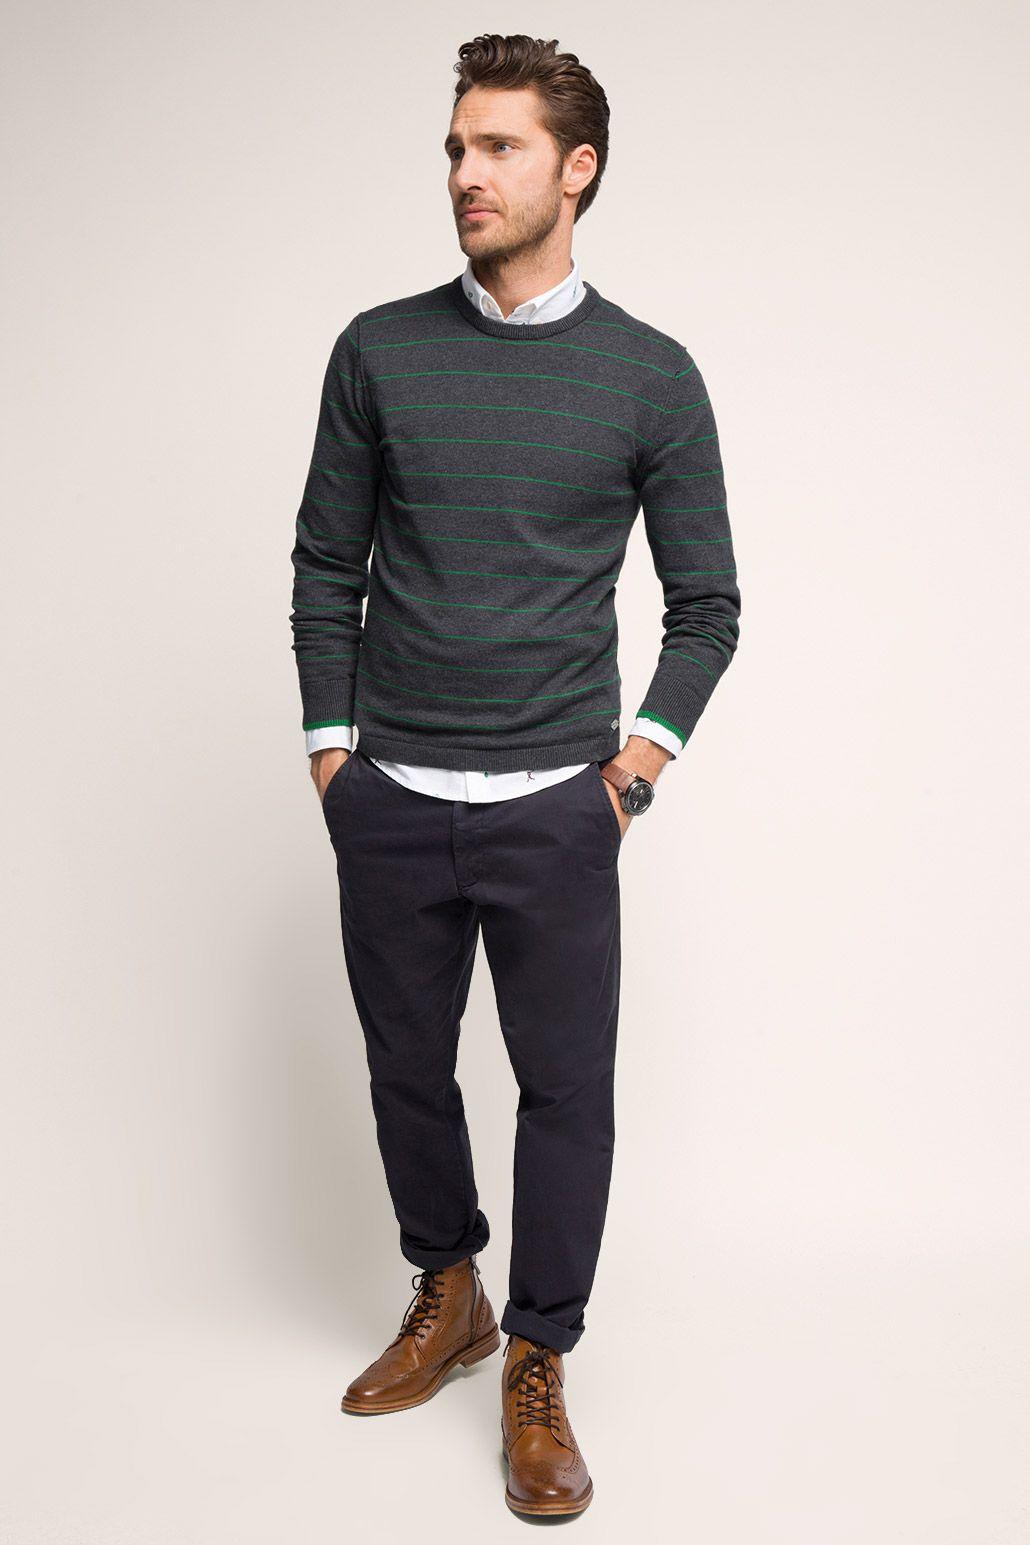 Trendiges Outfit mit dezent gestreiftem, dunkelgrauen Pulli